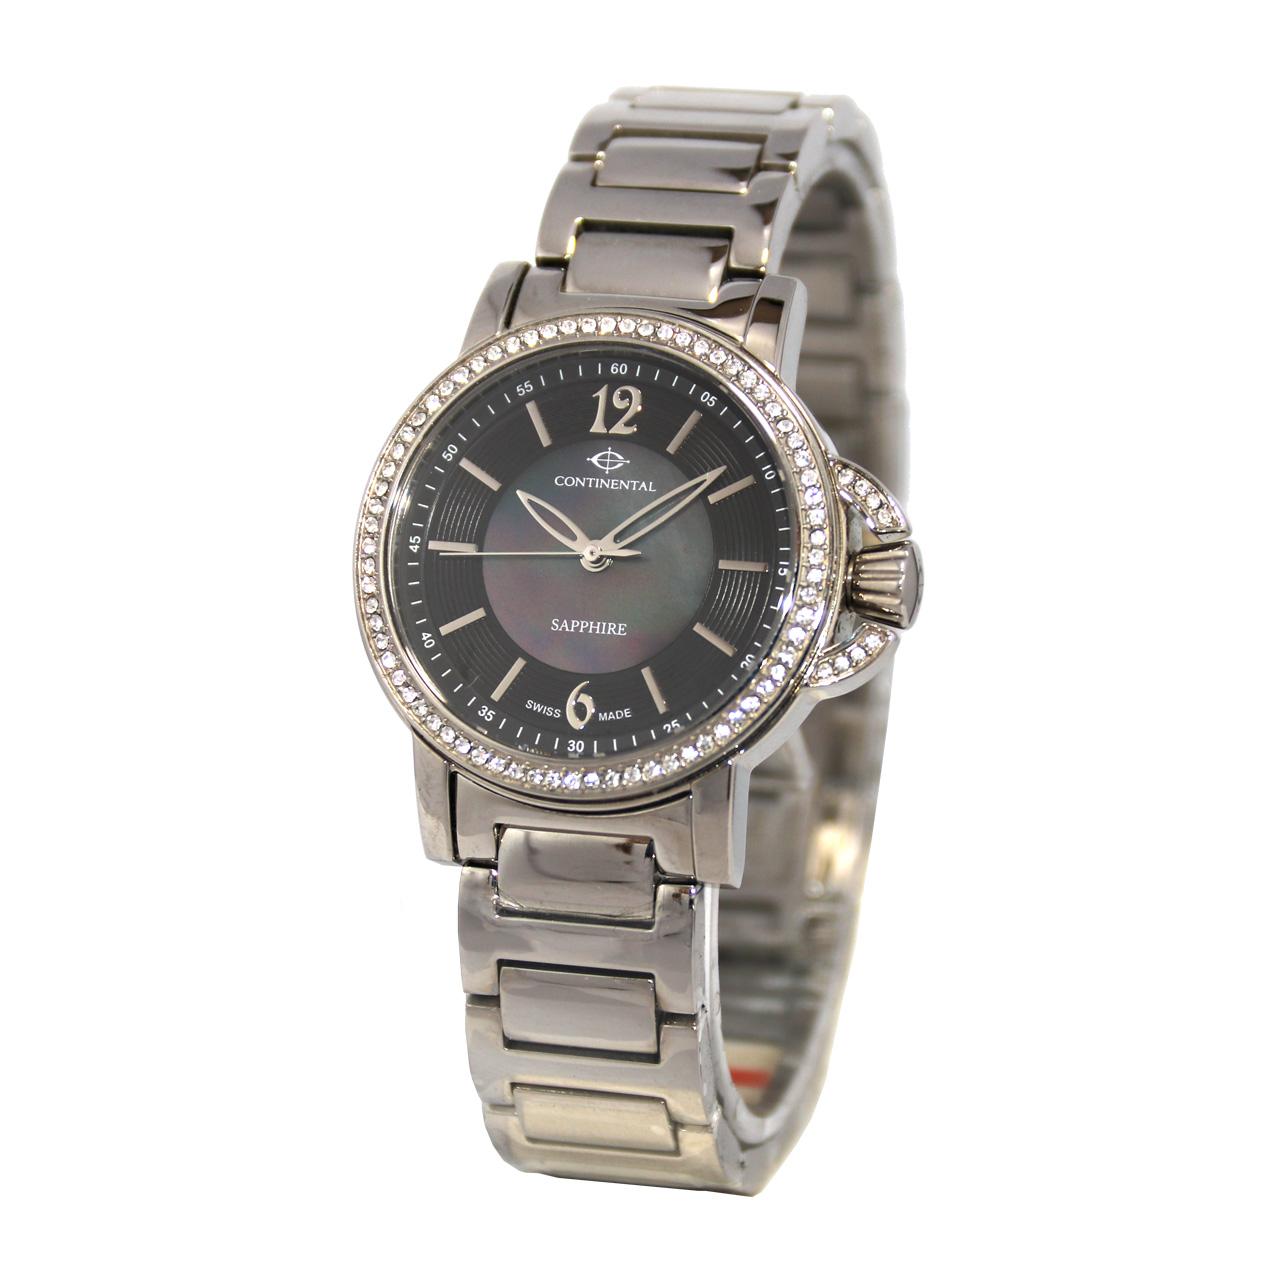 ساعت مچی عقربه ای زنانه کنتیننتال مدل 12260-204D 54